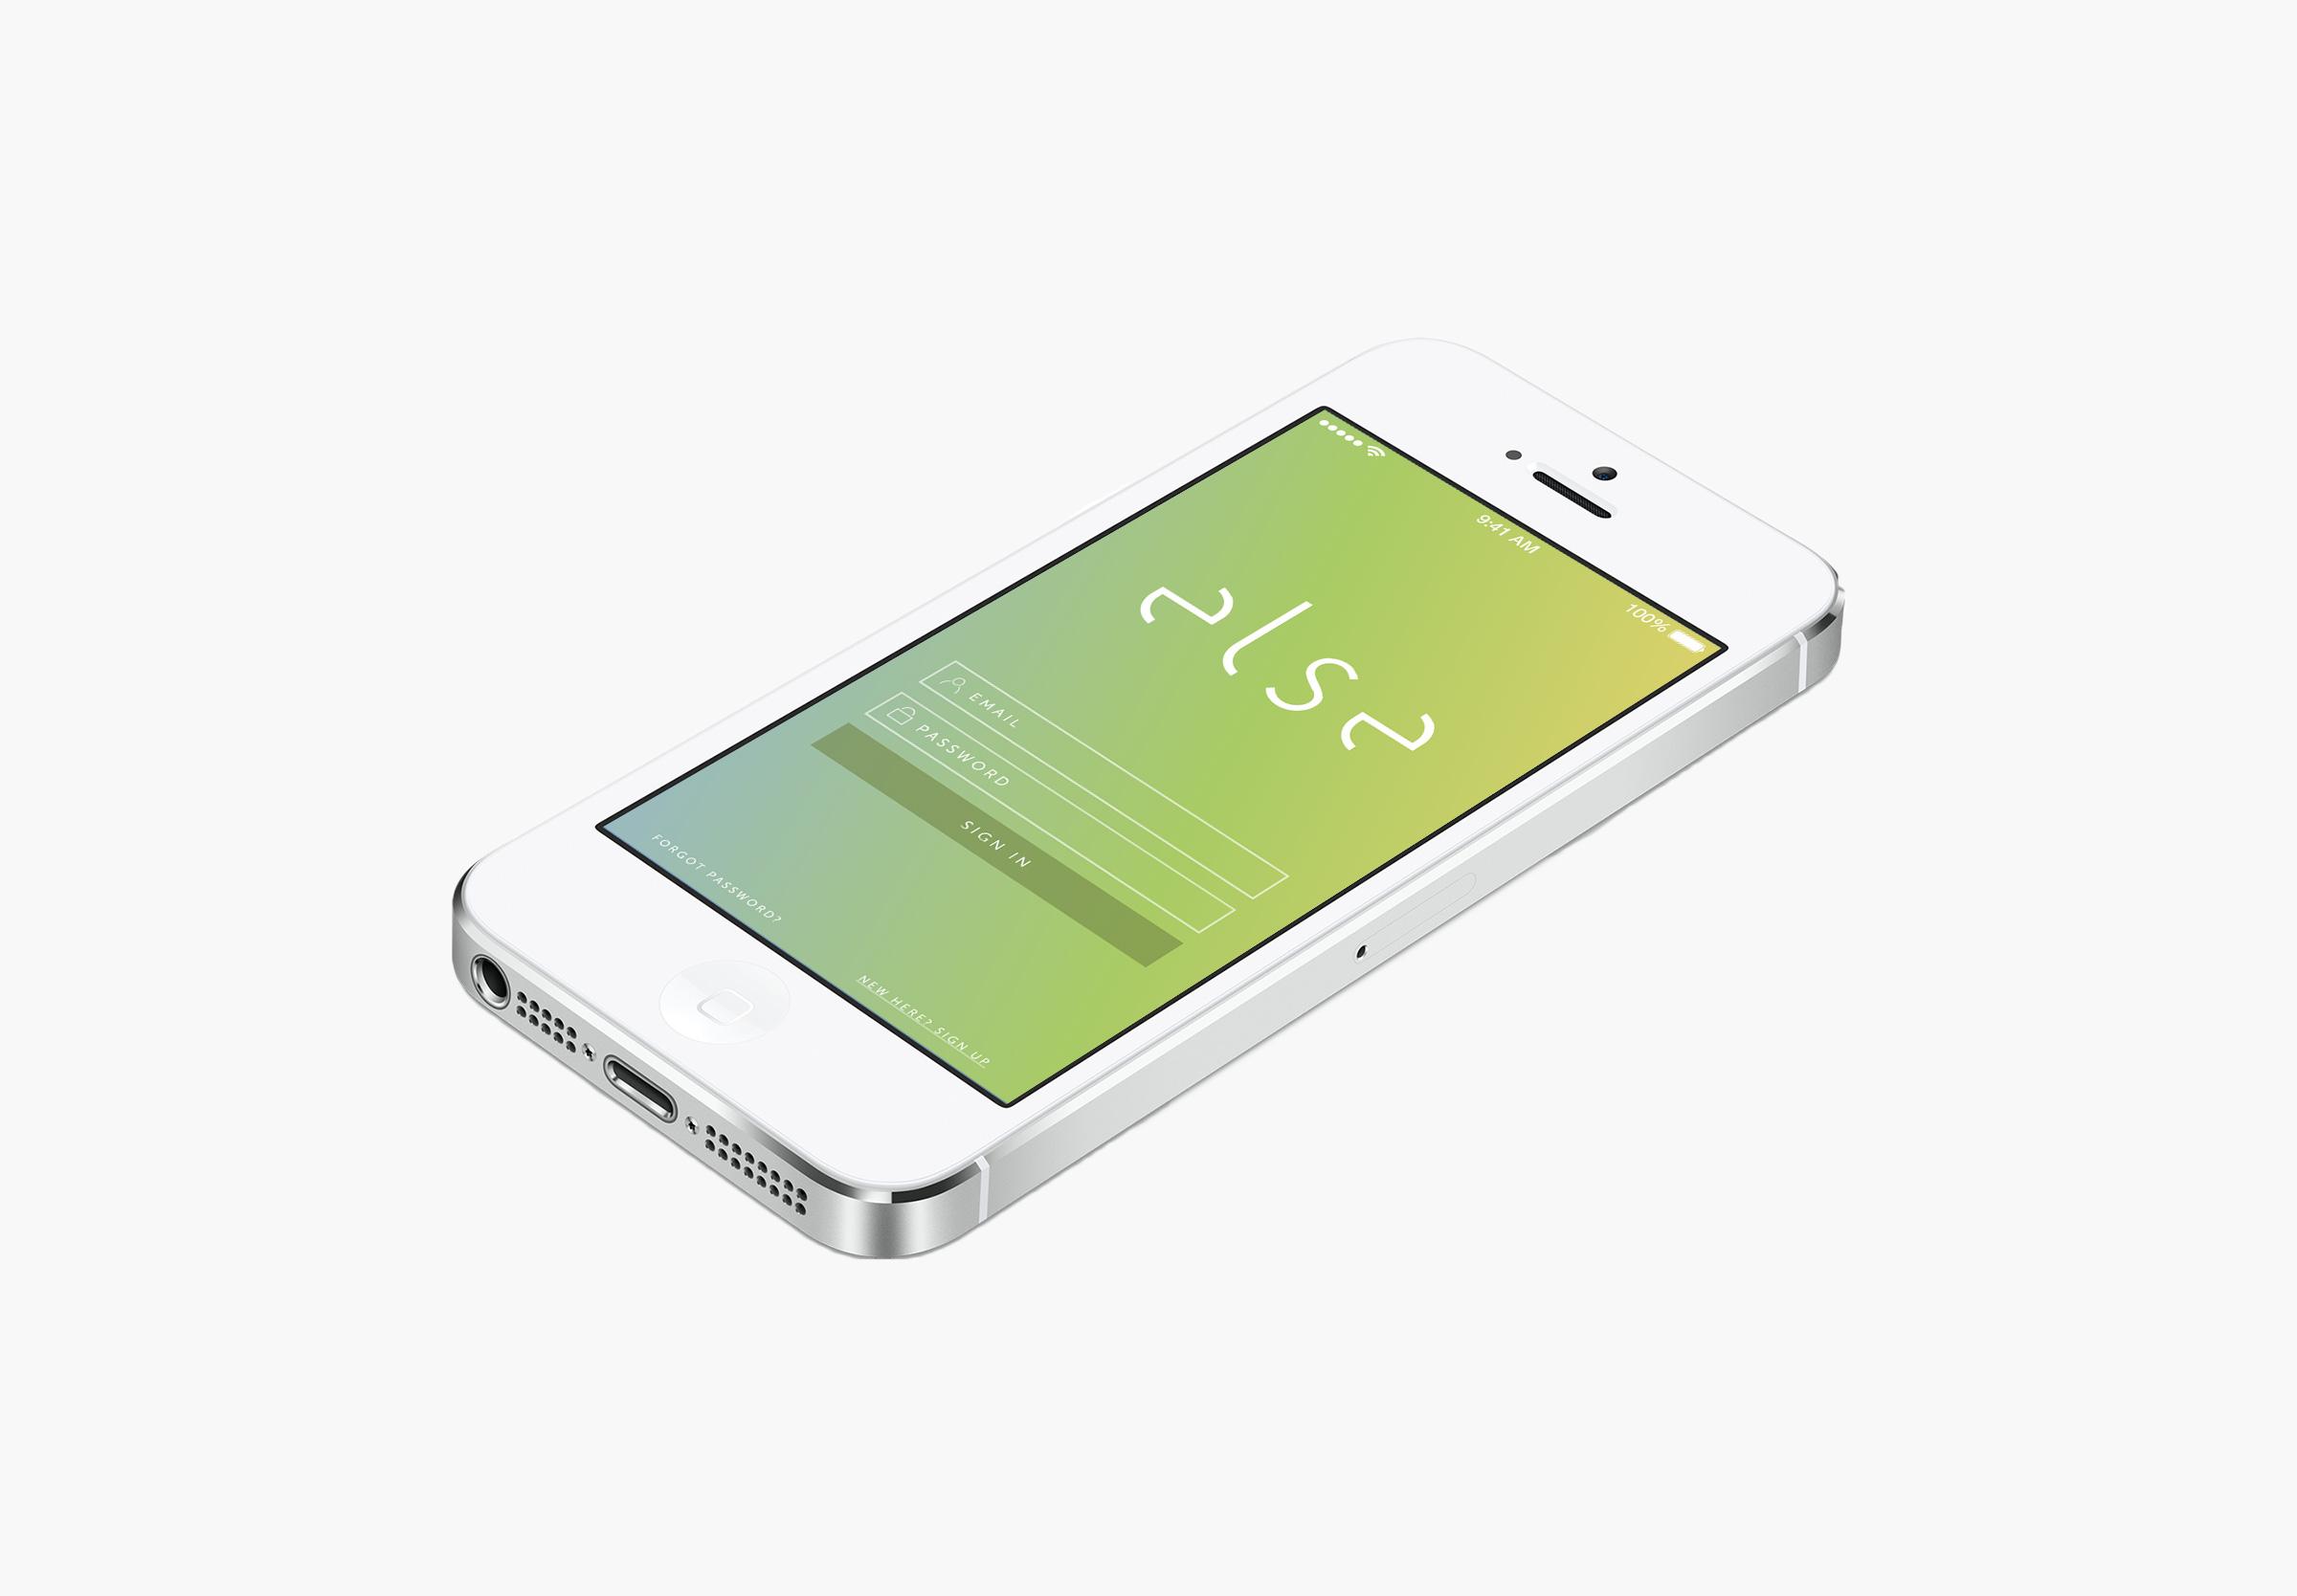 iPhone5_os7_flat.png